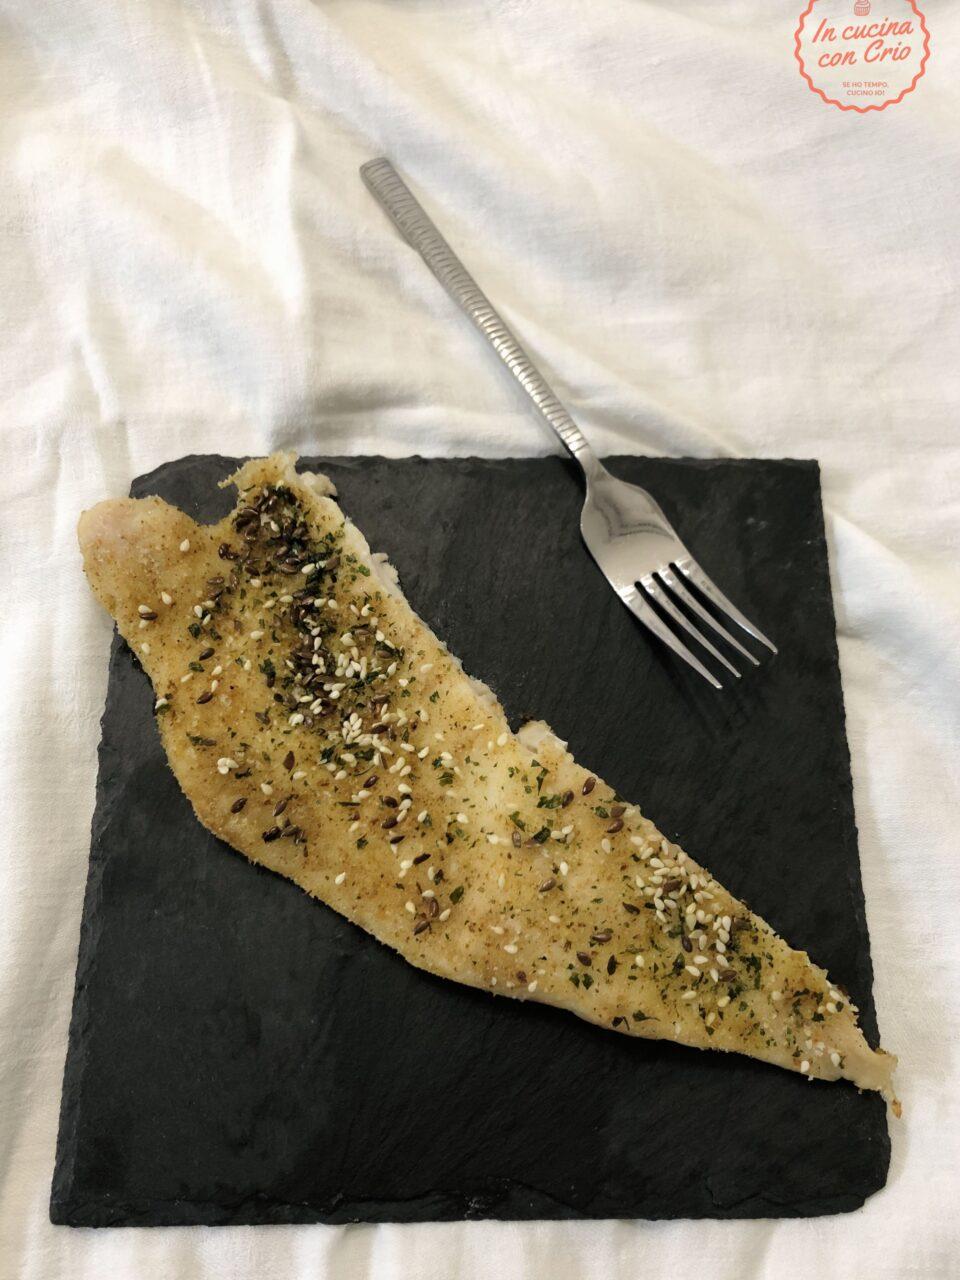 Persico al forno con semi pangrattato ricetta